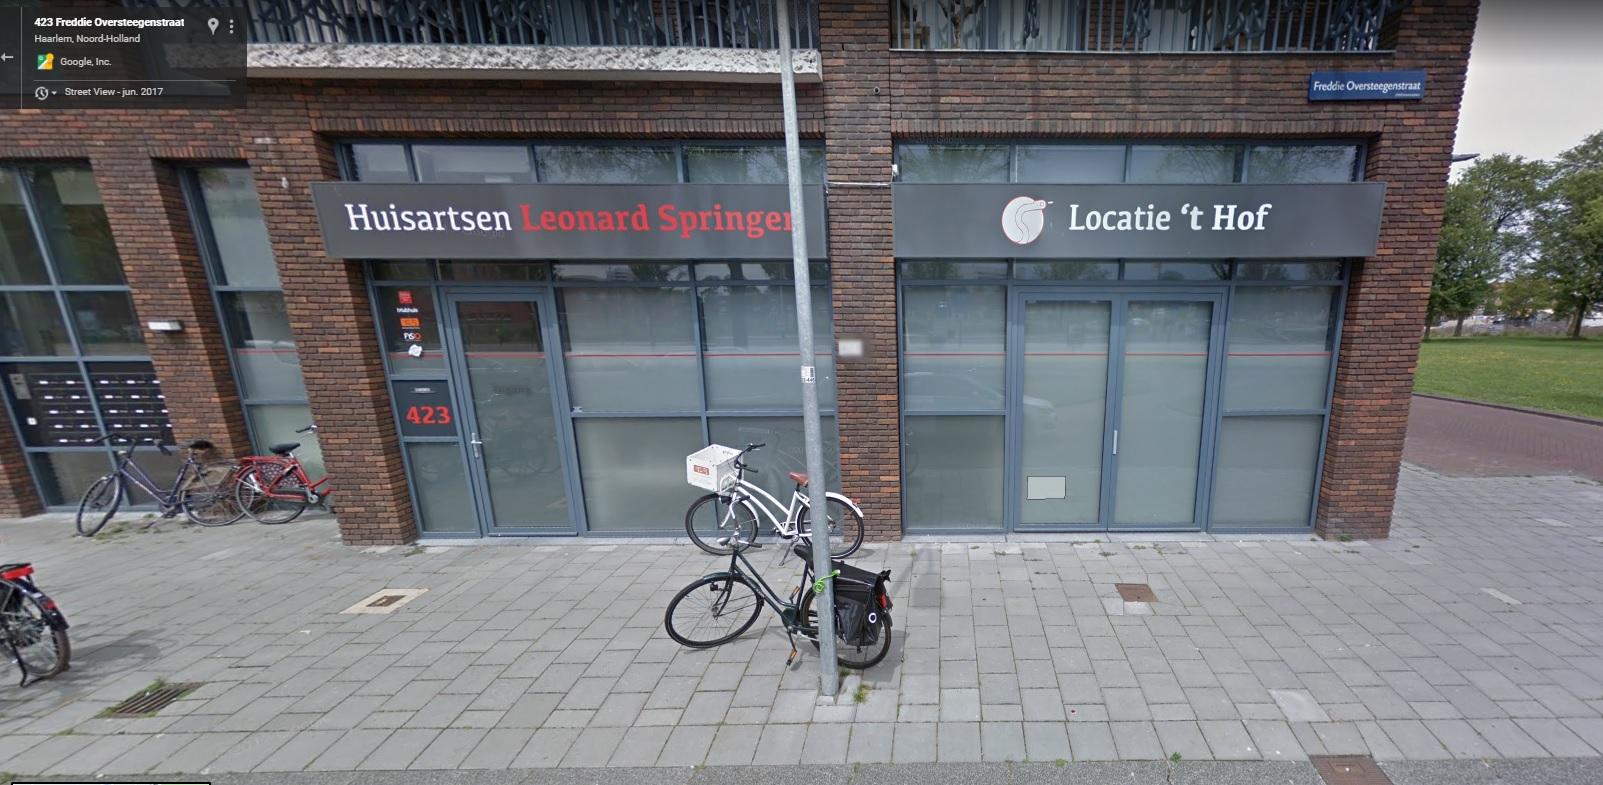 Podotherapie Haarlem 't Hof